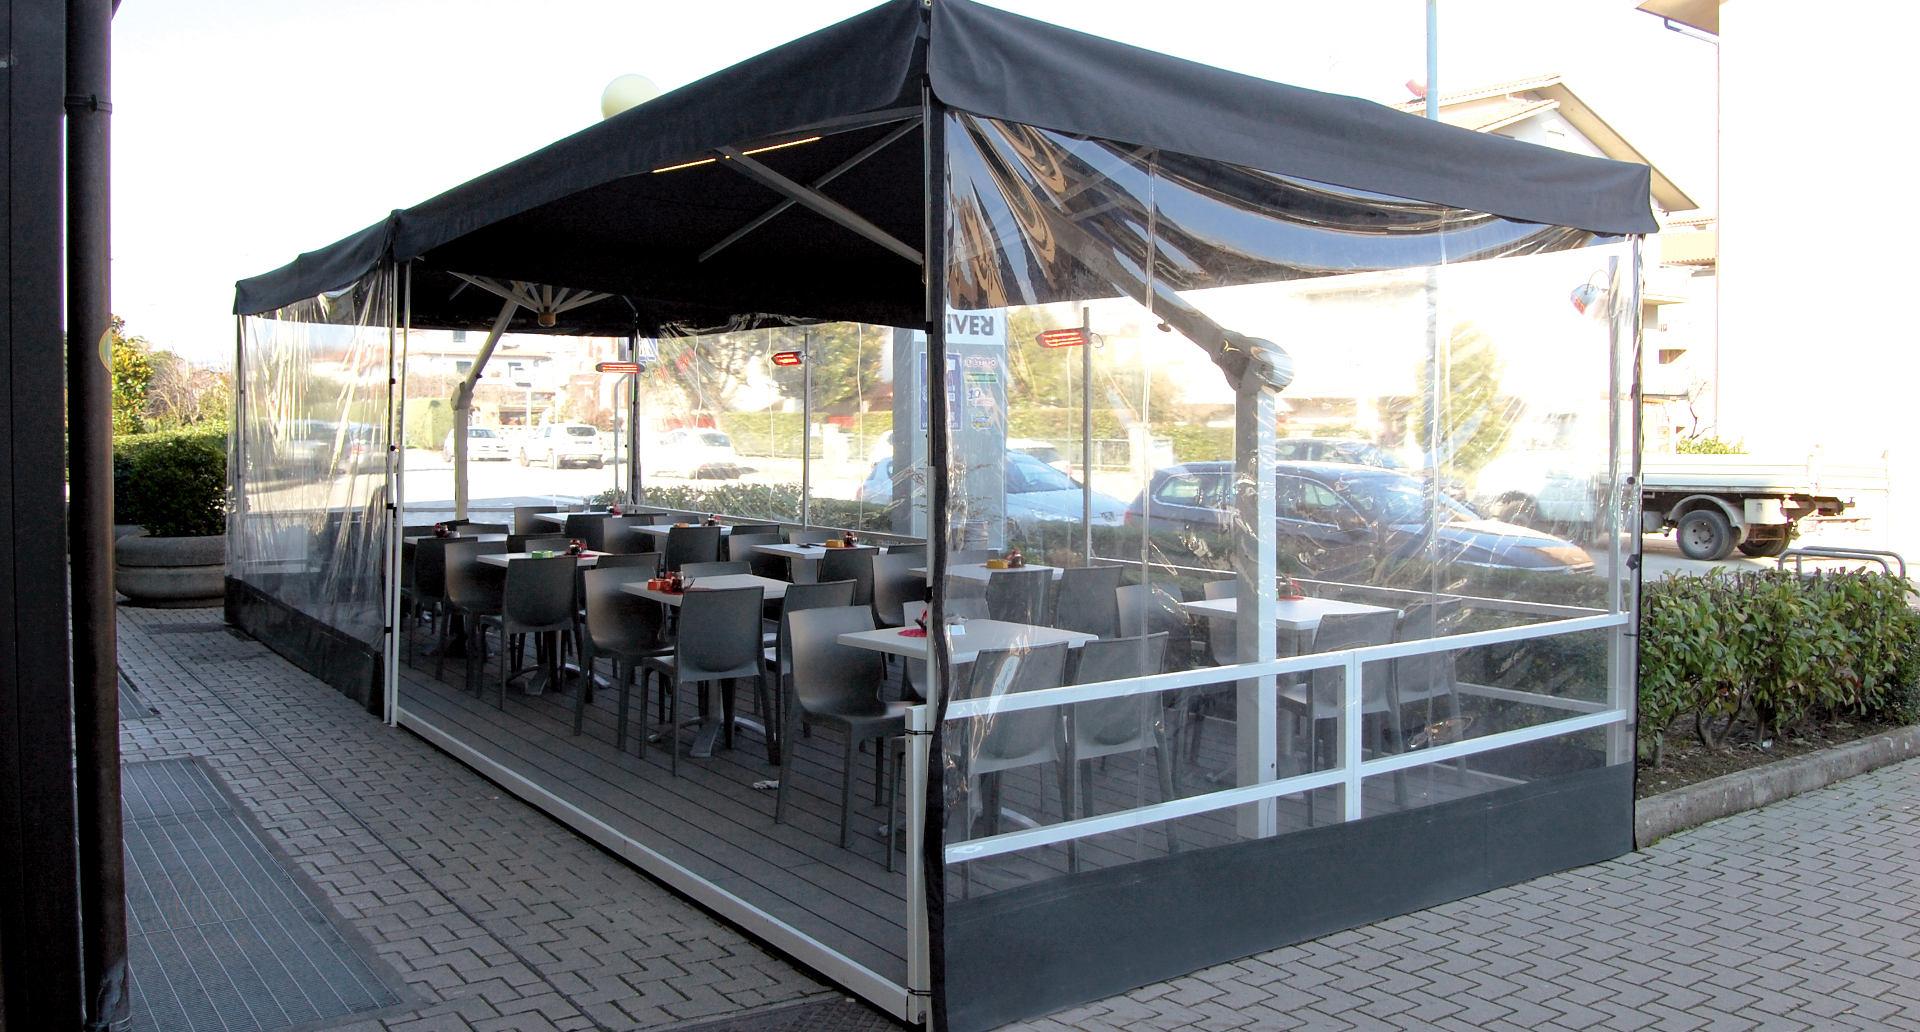 Gazebo Per Bar E Ristoranti.Spillantini Ombrelloni Professionali In Legno E Alluminio